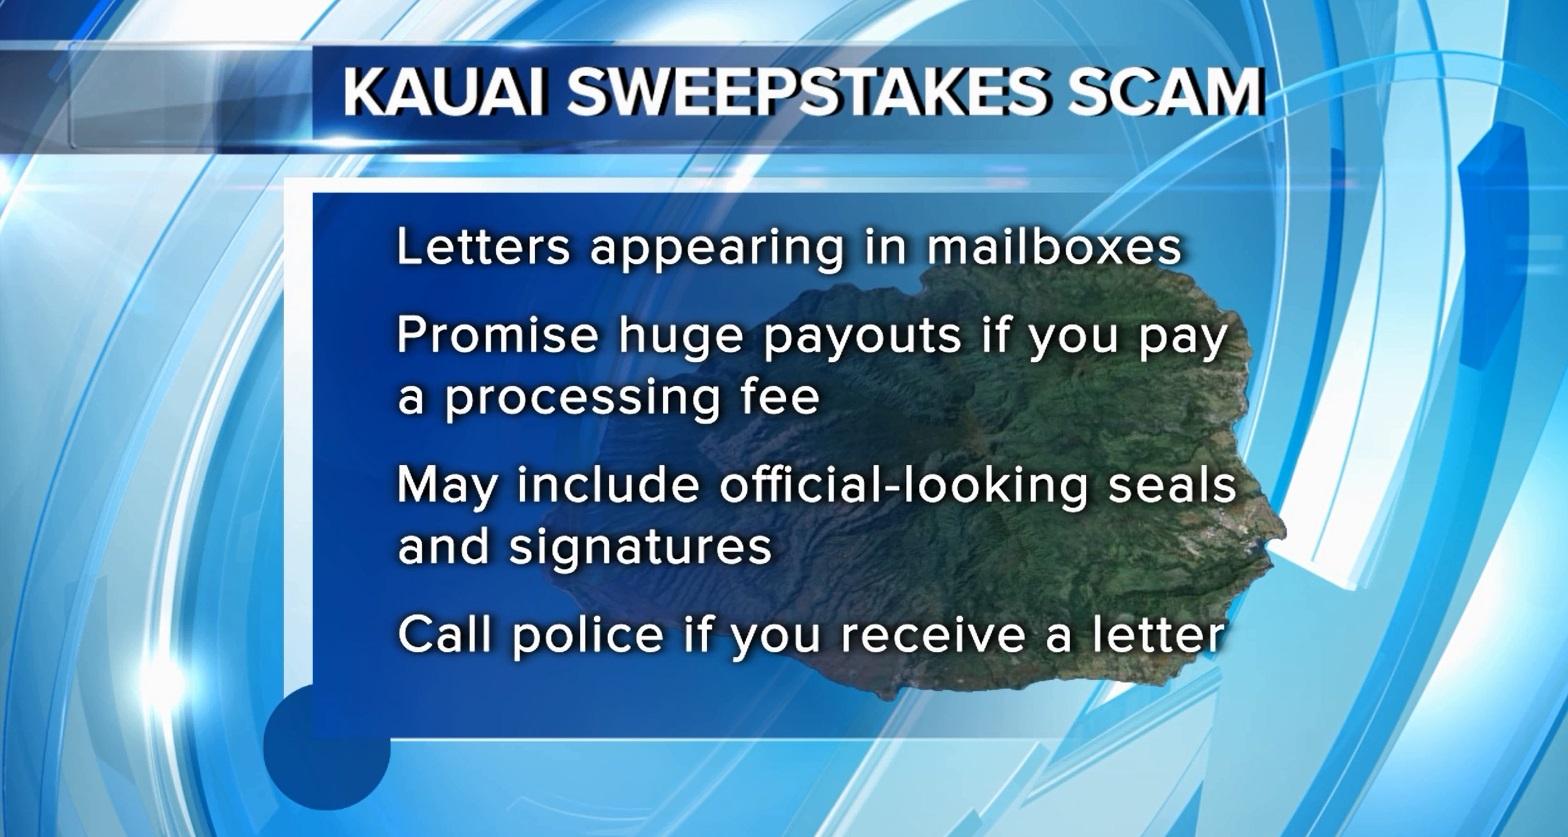 kauai sweepstakes scam fullscreen_115235